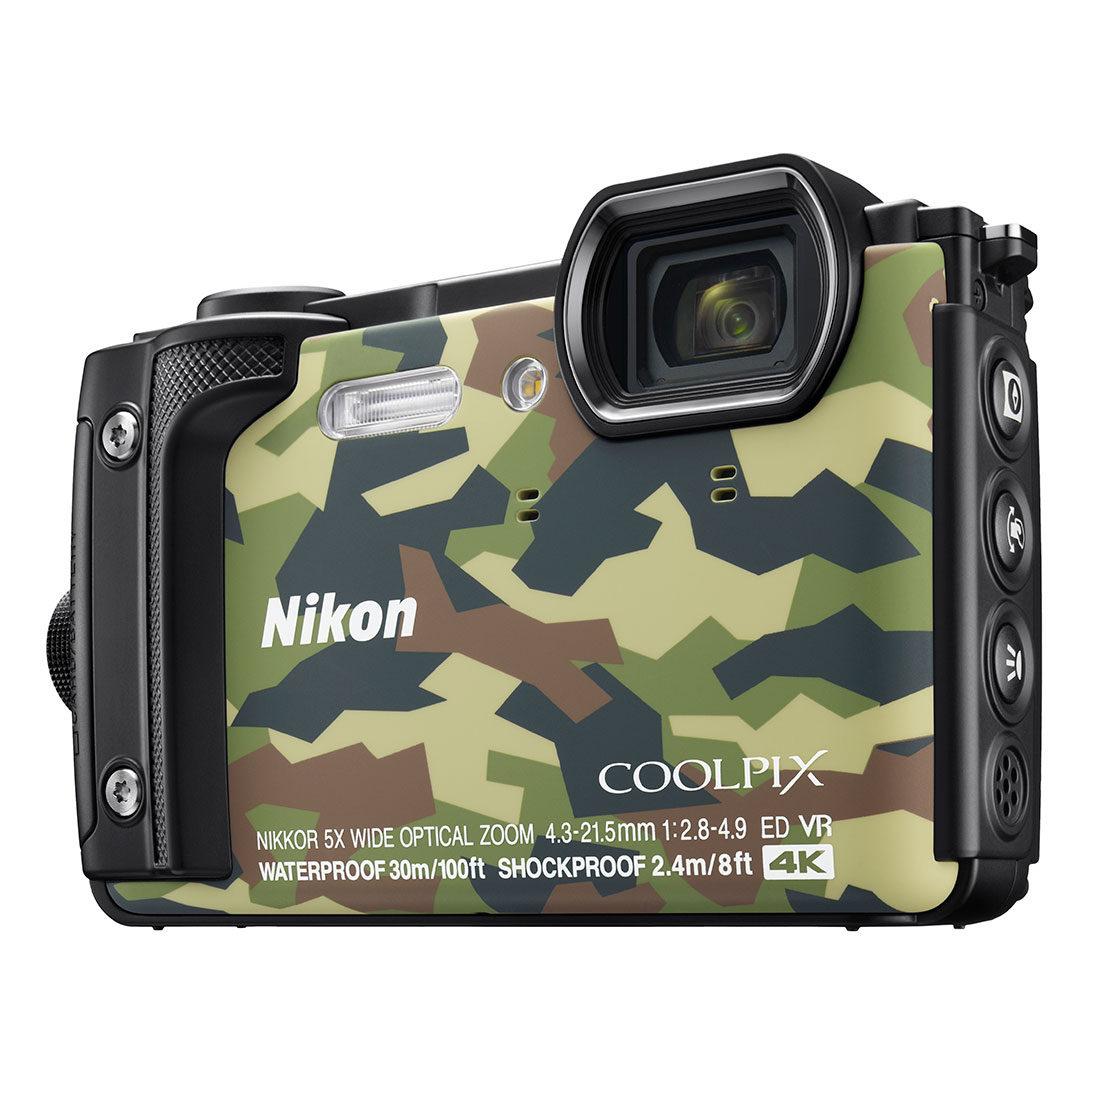 Nikon Coolpix W300 compact camera Camouflage <br/>€ 399.00 <br/> <a href='https://www.cameranu.nl/fotografie/?tt=12190_474631_241358_&r=https%3A%2F%2Fwww.cameranu.nl%2Fnl%2Fp1854365%2Fnikon-coolpix-w300-compact-camera-camouflage%3Fchannable%3De10841.MTg1NDM2NQ%26utm_campaign%3D%26utm_content%3DCompact%2Bcamera%26utm_source%3DTradetracker%26utm_medium%3Dcpc%26utm_term%3DDigitale%2Bcamera%26apos%3Bs' target='_blank'>naar de winkel</a>